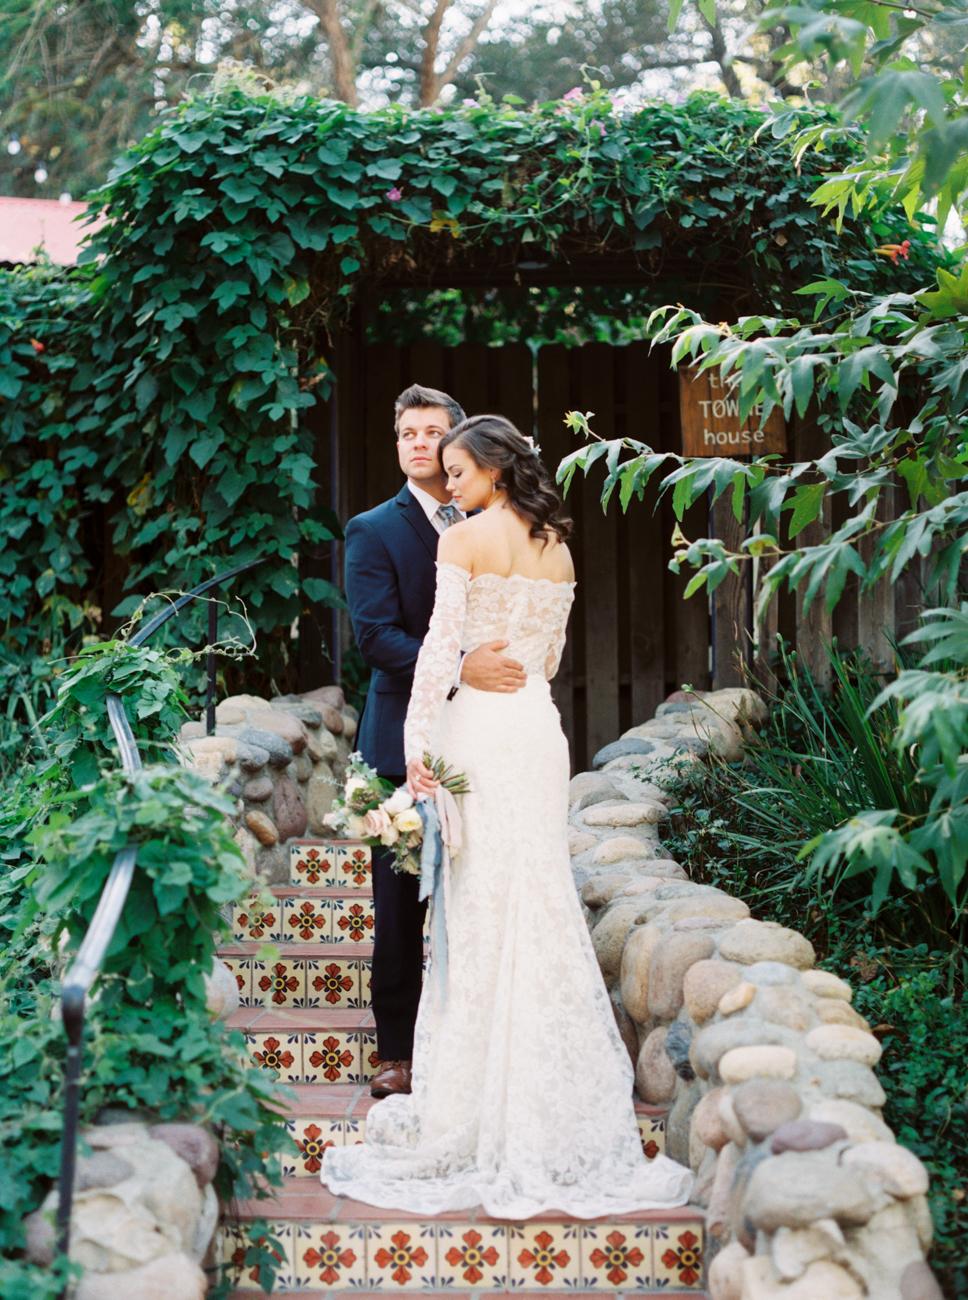 DennisRoyCoronel__RanchoLasLomas_Wedding-49.jpg